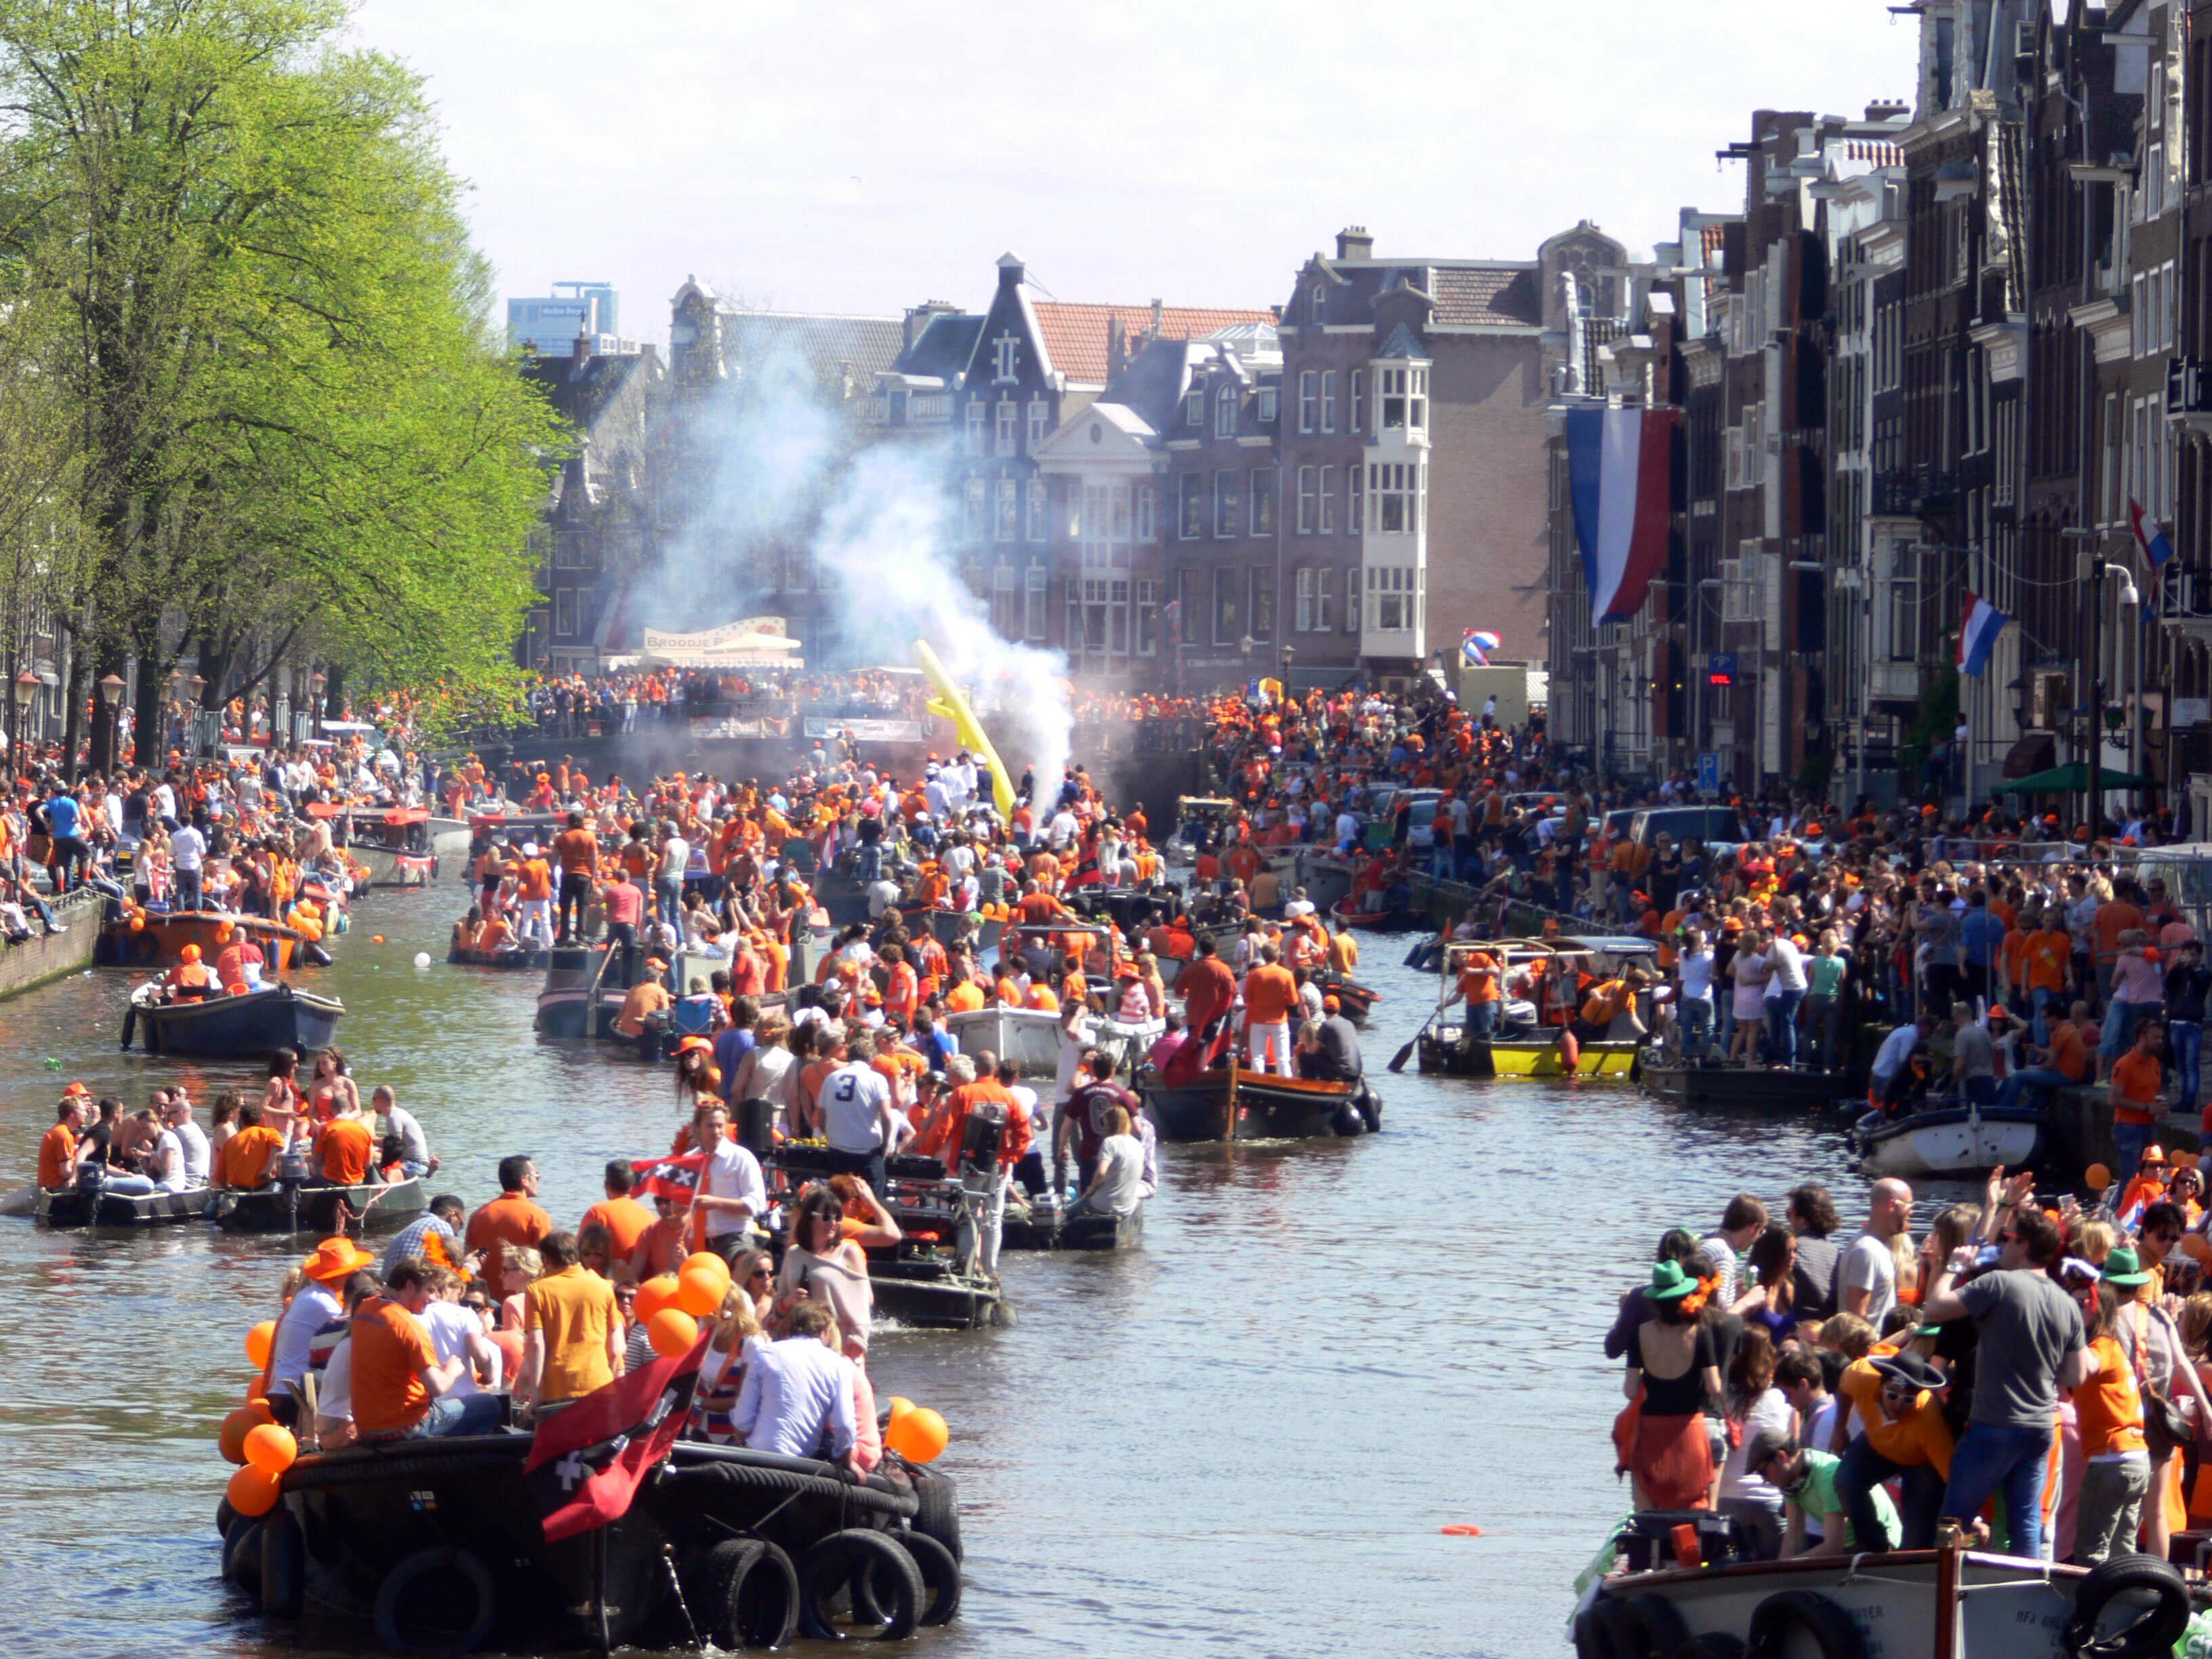 boot huren nederland boot huren amsterdam bootverhuur amsterdam ontdek amsterdam vakantie in nederland feestdagen 2019 lang weekend amsterdam